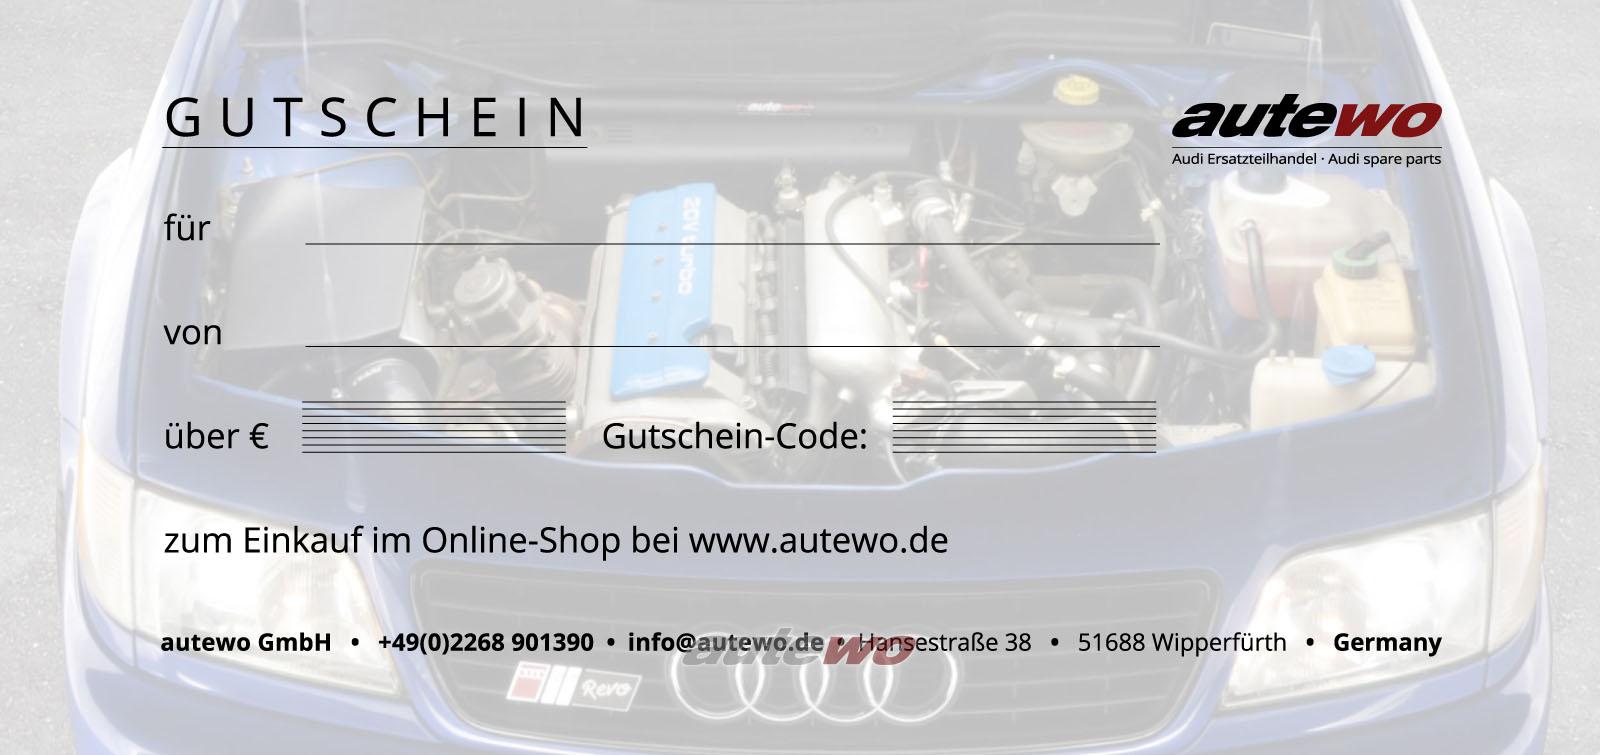 autewo-Geschenkgutschein 100 Euro Motiv S6 C4 -Emailversand zum Ausdruck-